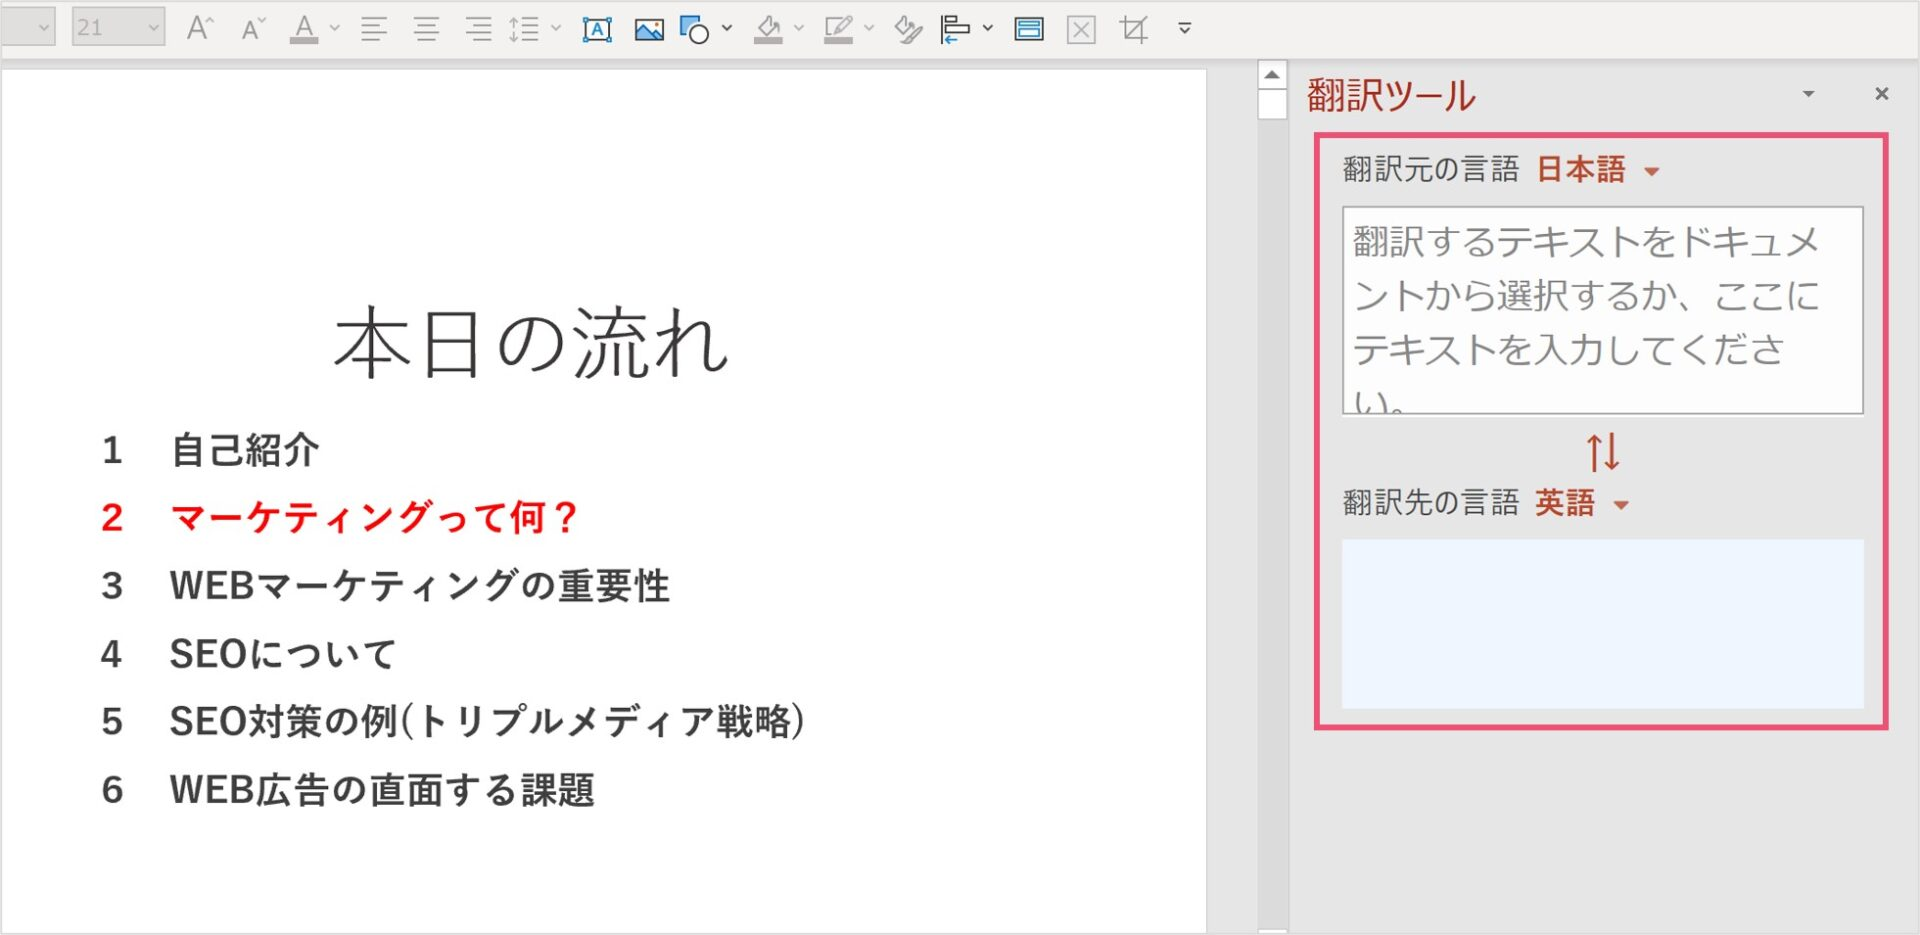 翻訳ツールが出てくる